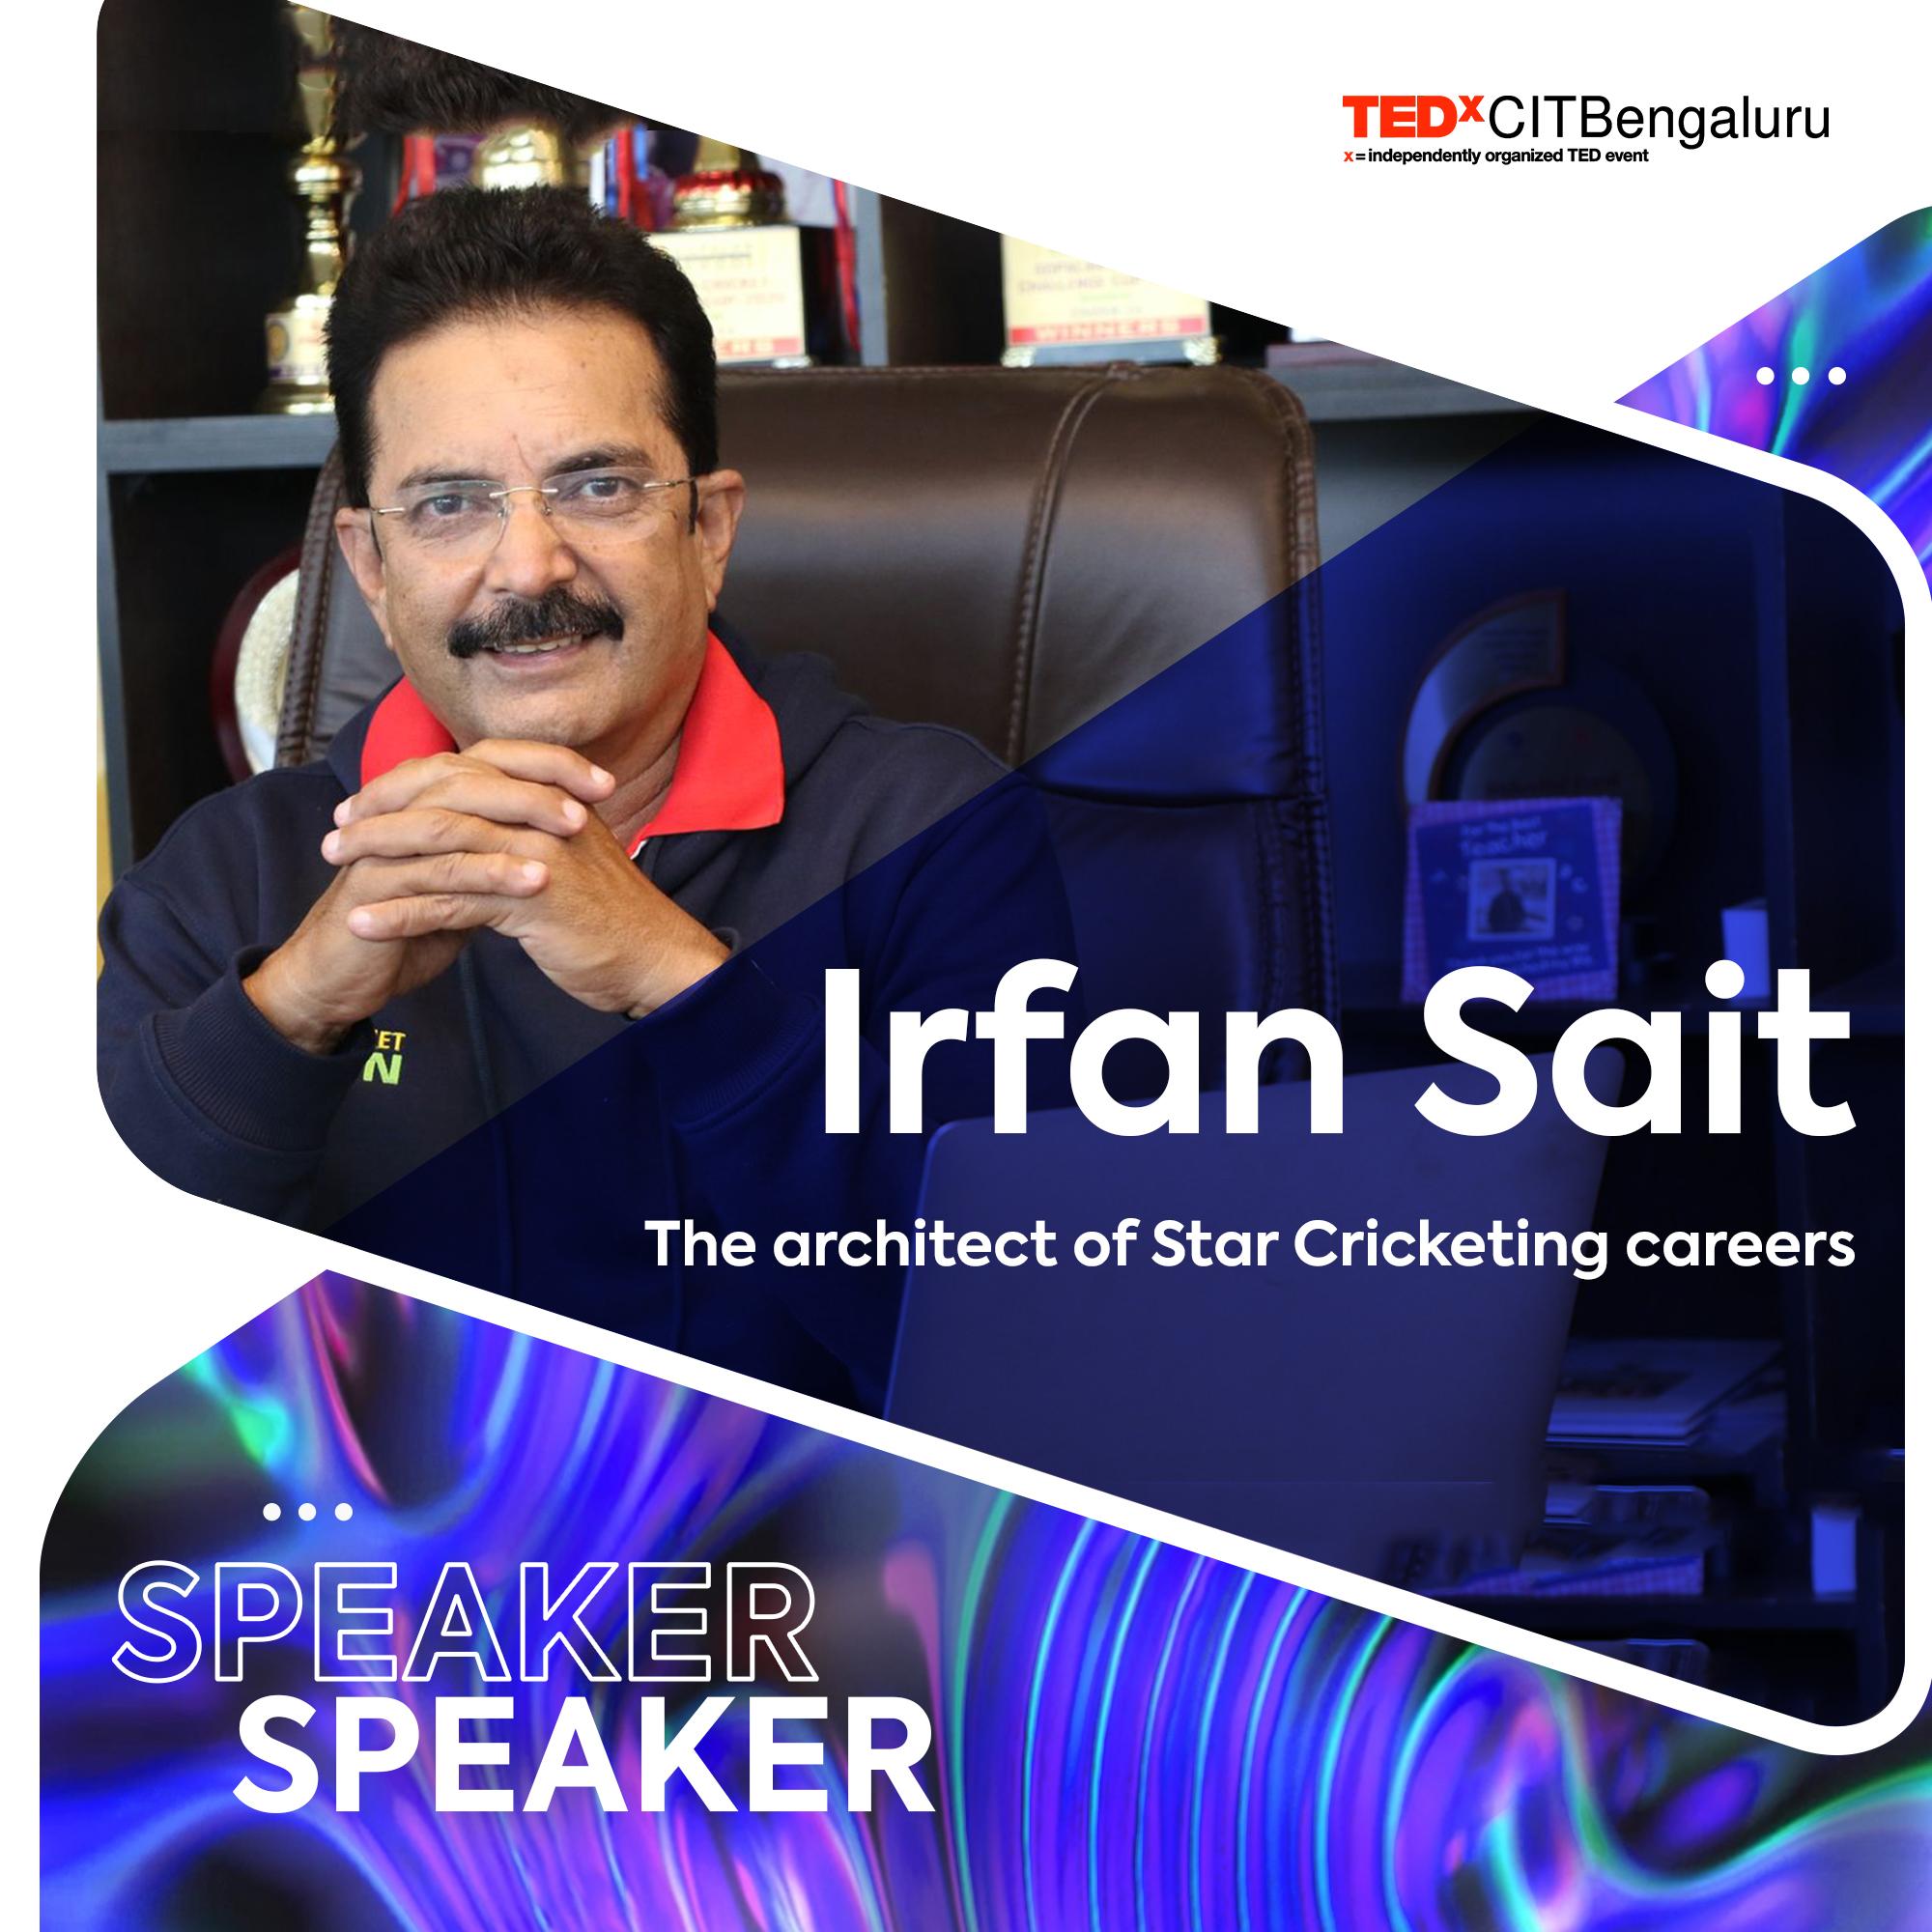 Irfan Sait